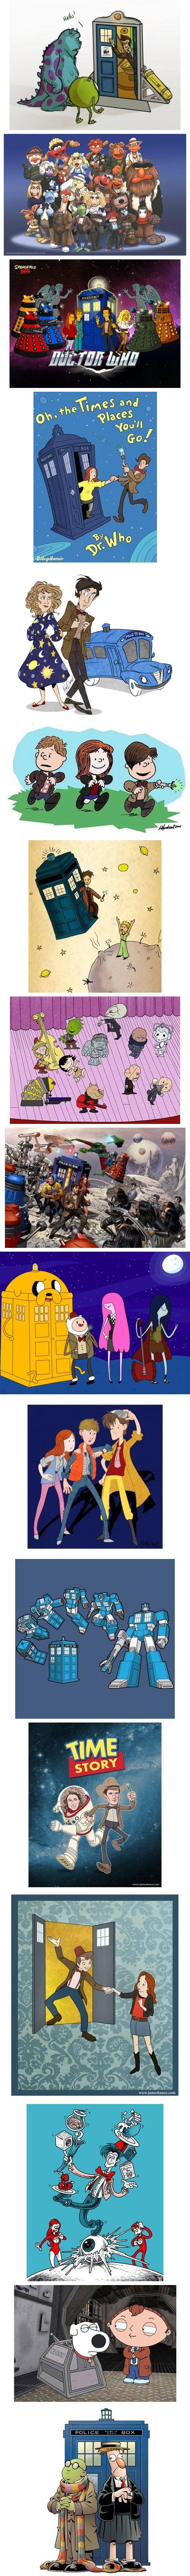 Doctor Who mash ups.